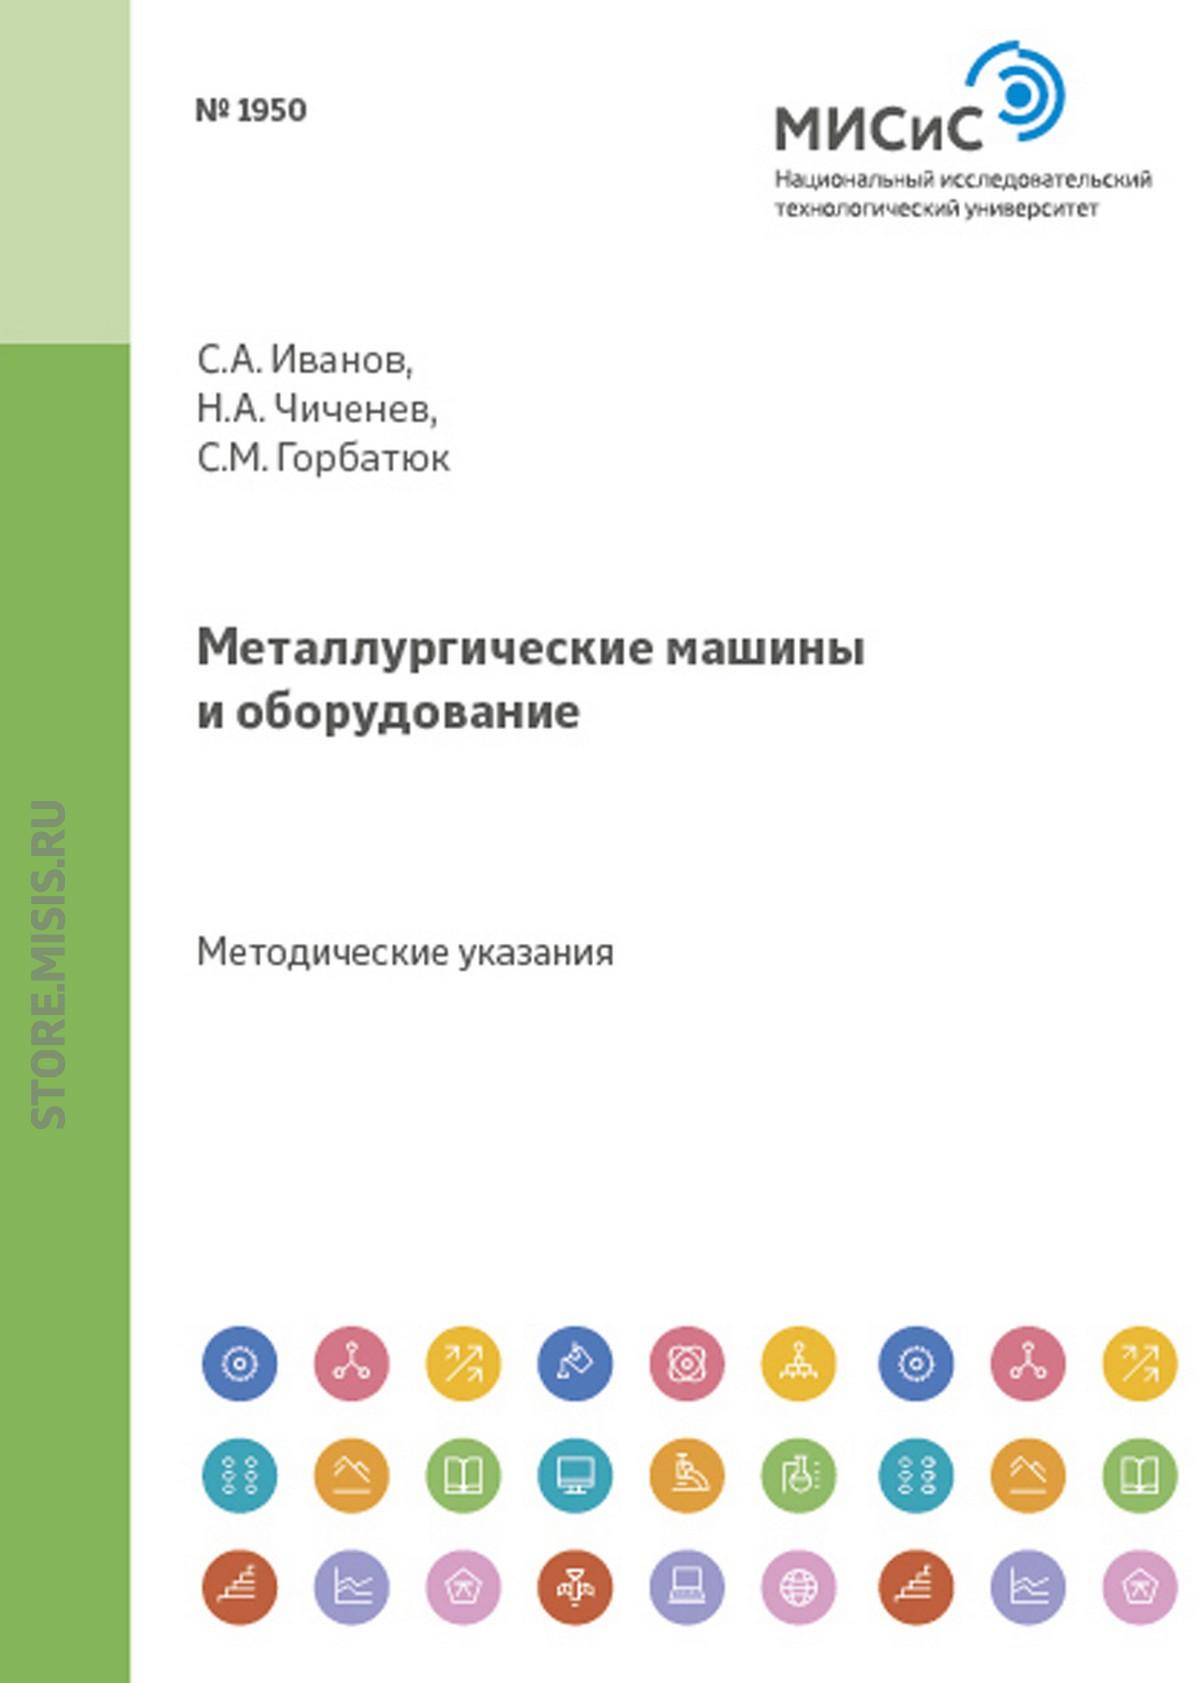 С. М. Горбатюк Металлургические машины и оборудование